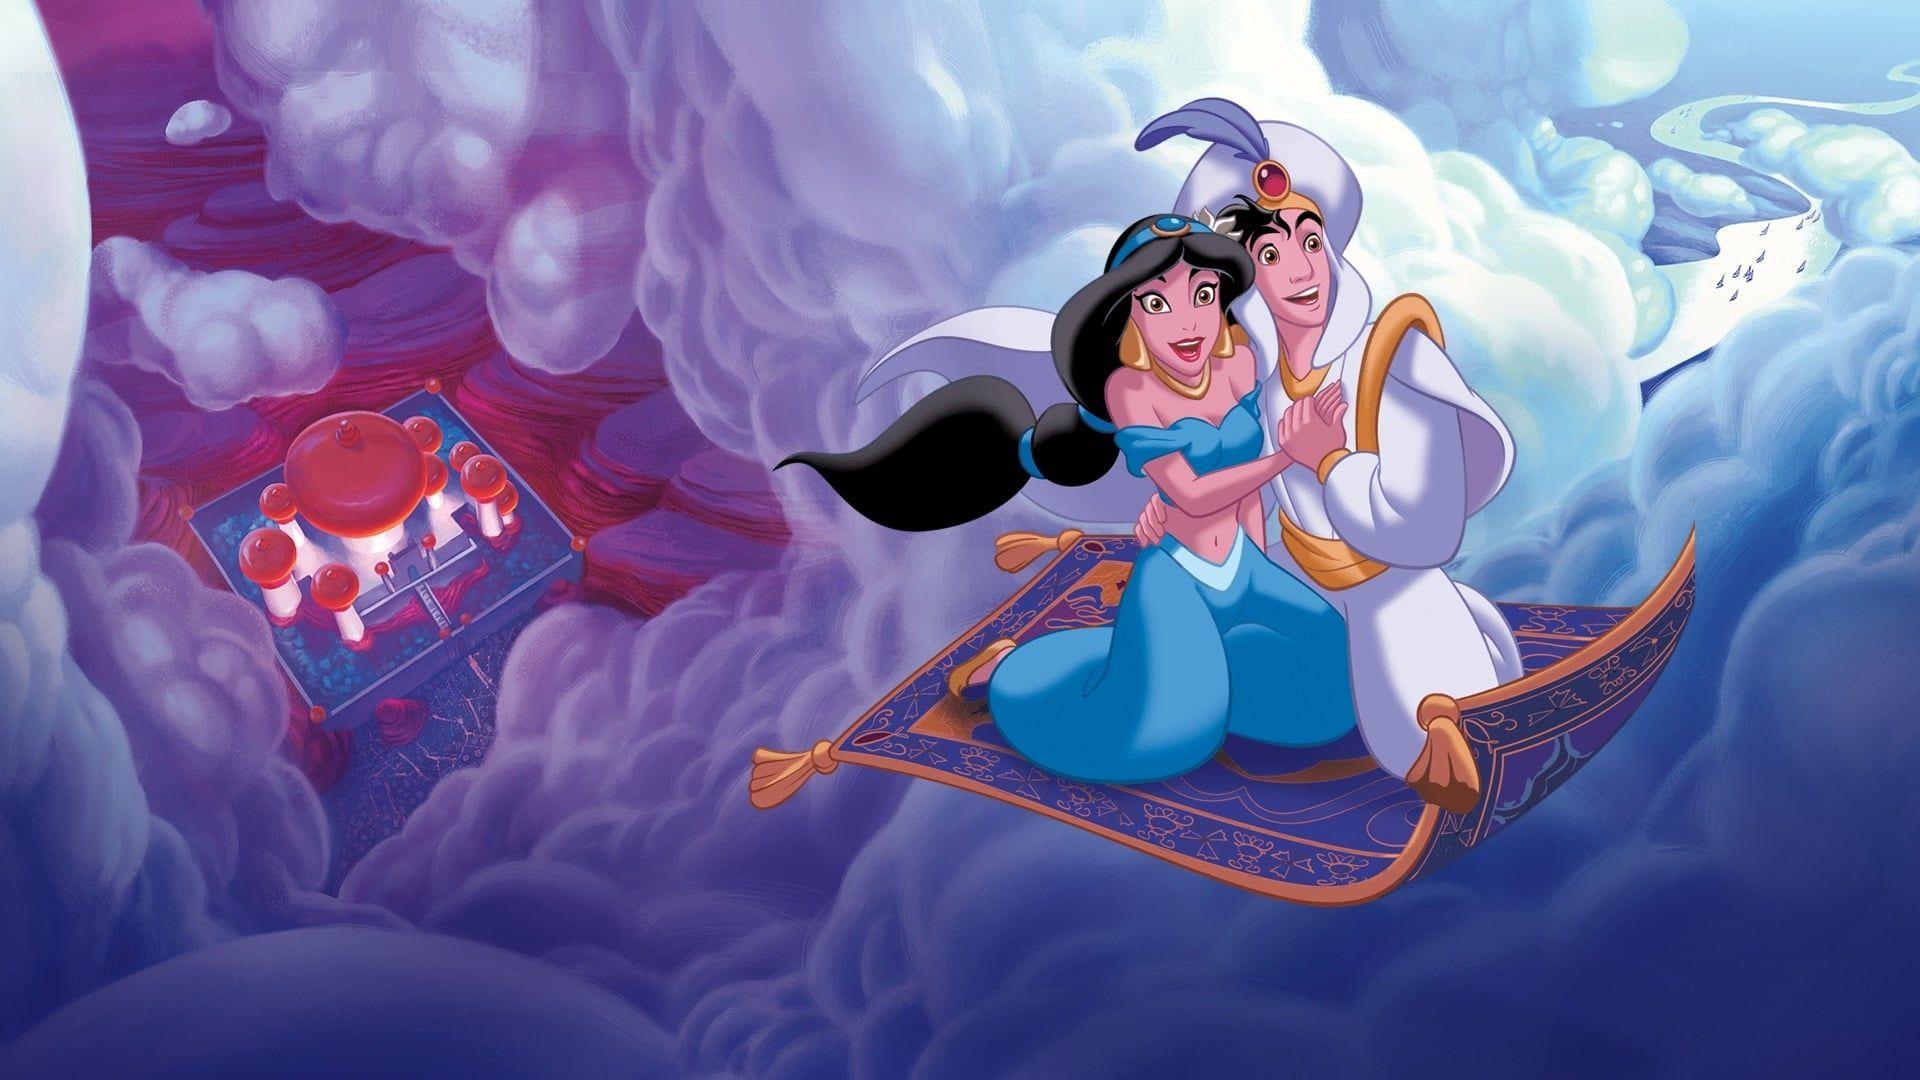 Guardare Aladdin 1992 Cb01 Completo Italiano Altadefinizione Cinema Guarda Aladdin Italiano 1992 Film Streaming Altadefinizione Cb01 Aladdin Streaming